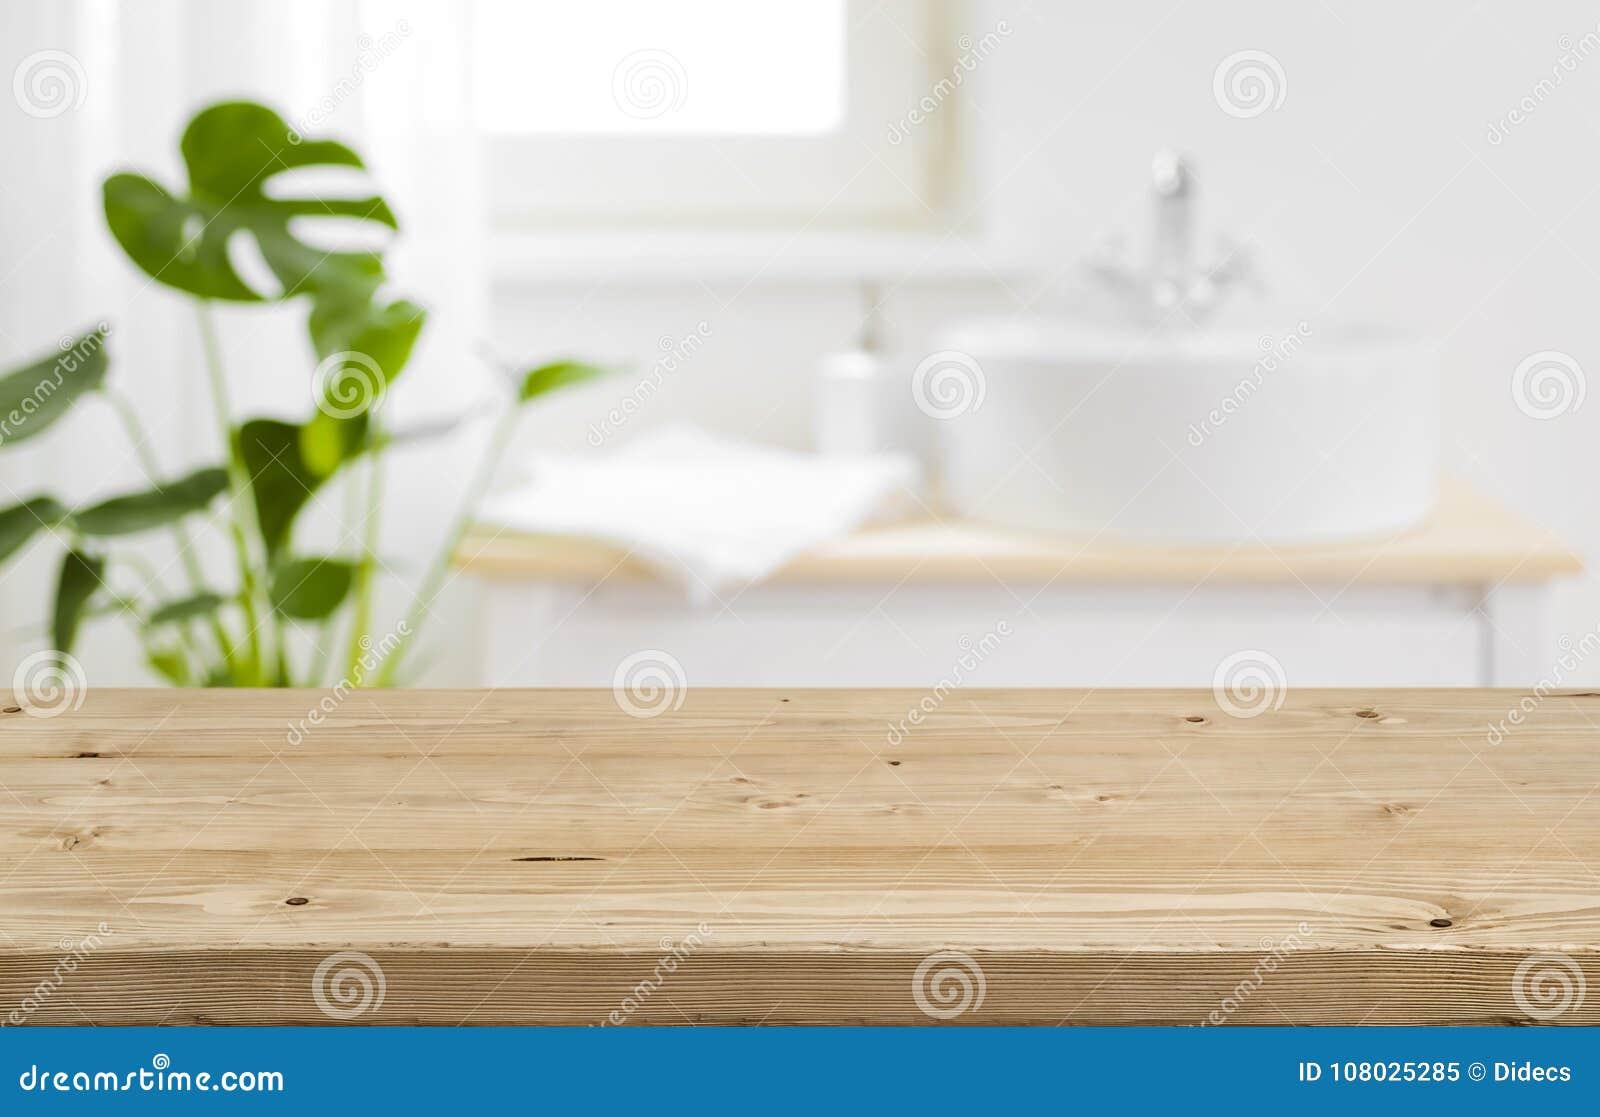 Tabletop vazio para a exposição do produto com fundo borrado do interior do banheiro